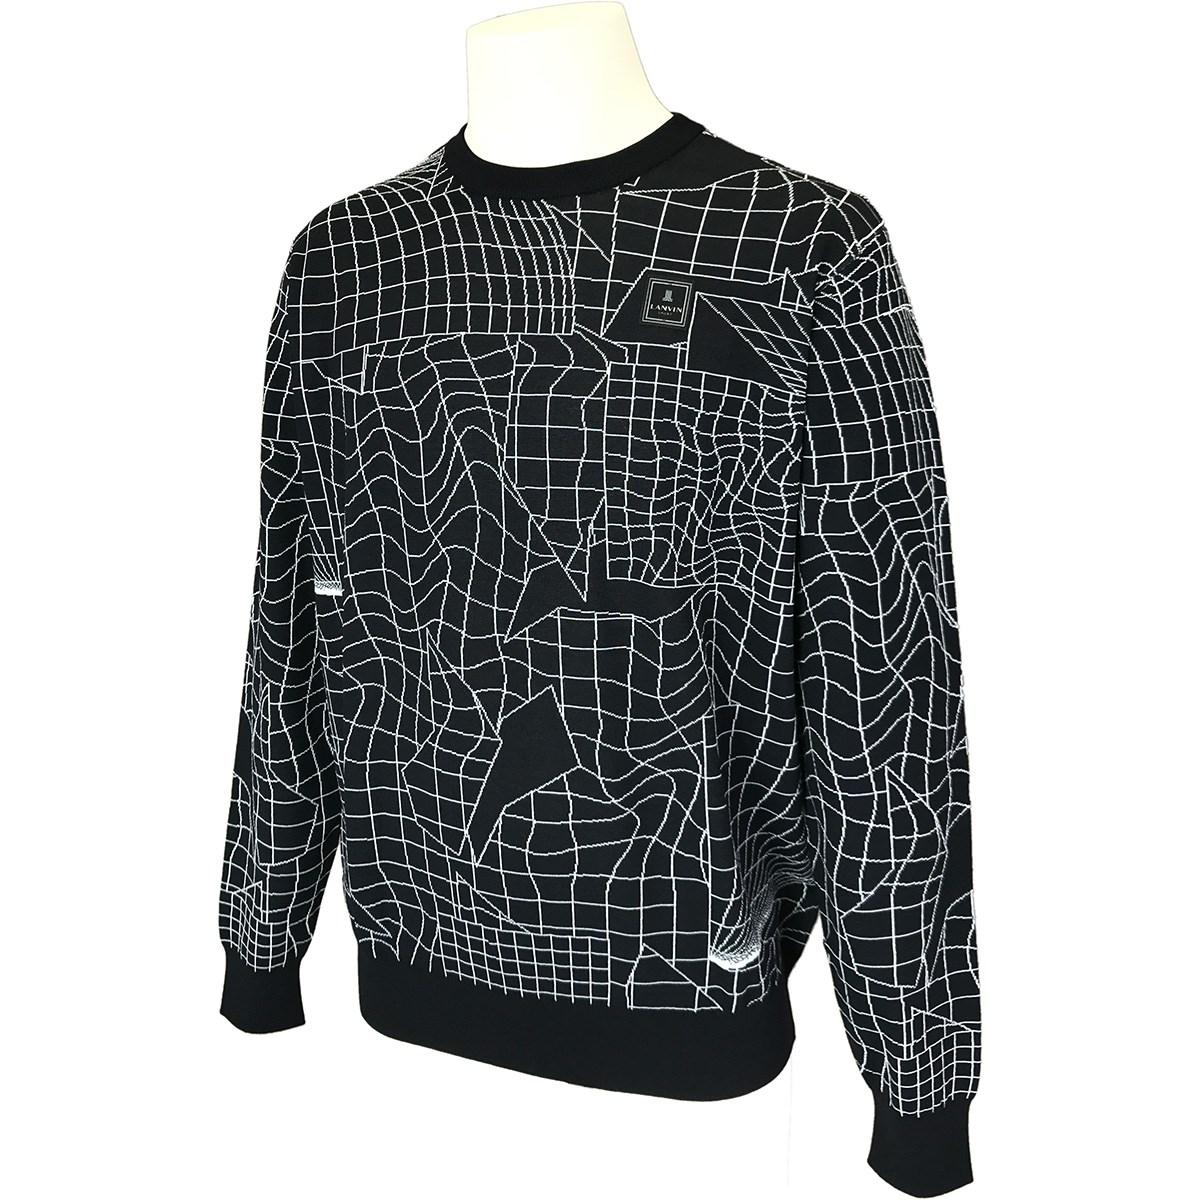 ランバン スポール(LANVIN SPORT) ハイゲージクルーネックセーター